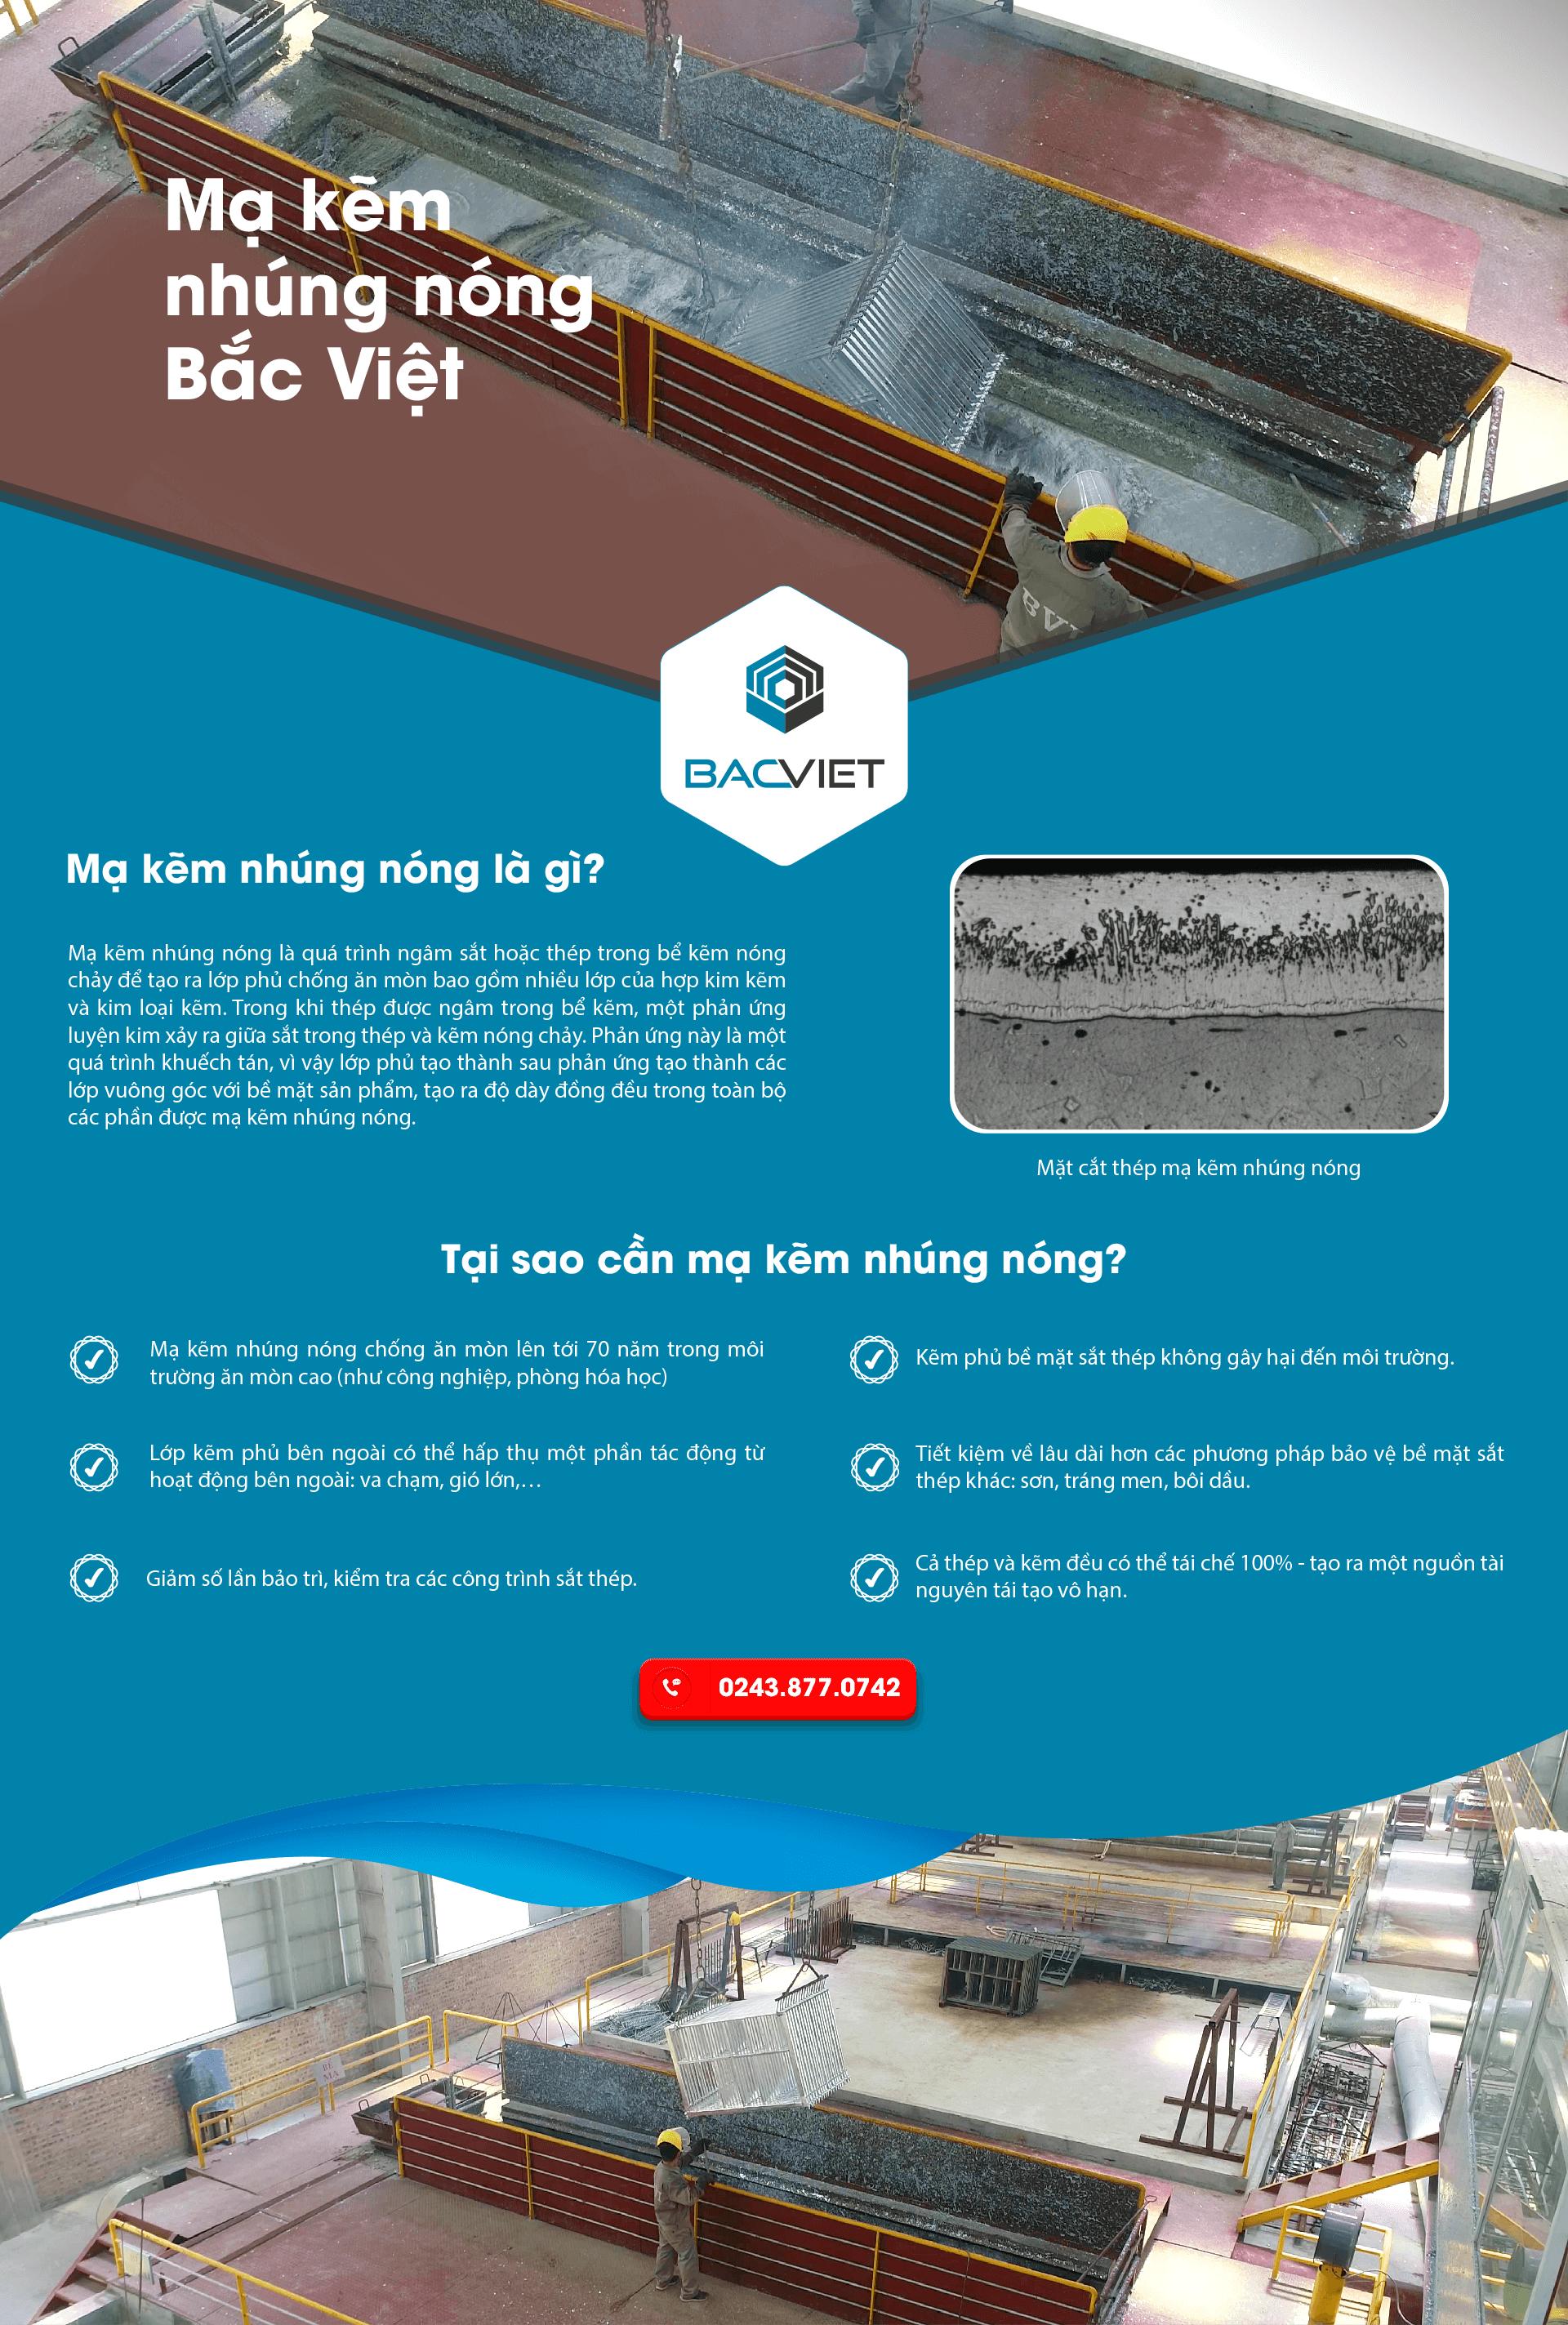 Mạ kẽm nhúng nóng là quá trình ngâm sắt hoặc thép trong bể kẽm nóng chảy để tạo ra lớp phủ chống ăn mòn bao gồm nhiều lớp của hợp kim kẽm và kim loại kẽm. Trong khi thép được ngâm trong bể kẽm, một phản ứng luyện kim xảy ra giữa sắt trong thép và kẽm nóng chảy. Phản ứng này là một quá trình khuếch tán, vì vậy lớp phủ tạo thành sau phản ứng tạo thành các lớp vuông góc với bề mặt sản phẩm, tạo ra độ dày đồng đều trong toàn bộ các phần được mạ kẽm nhúng nóng.